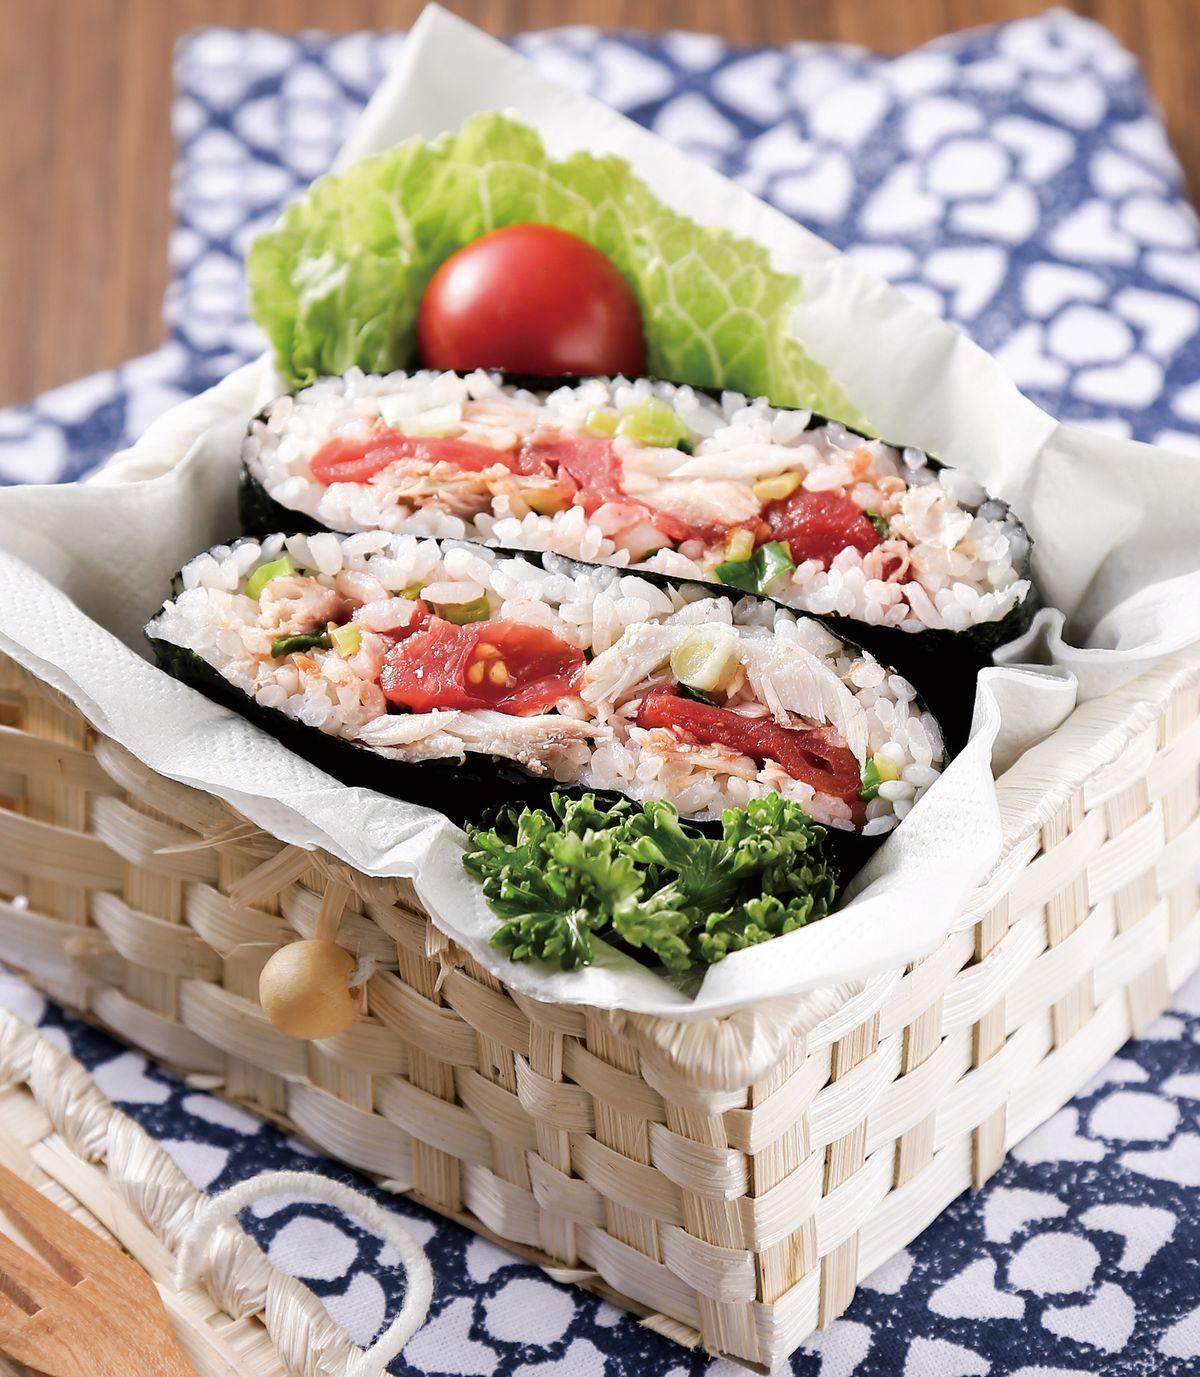 食譜:鹽漬鯖魚海苔飯糰